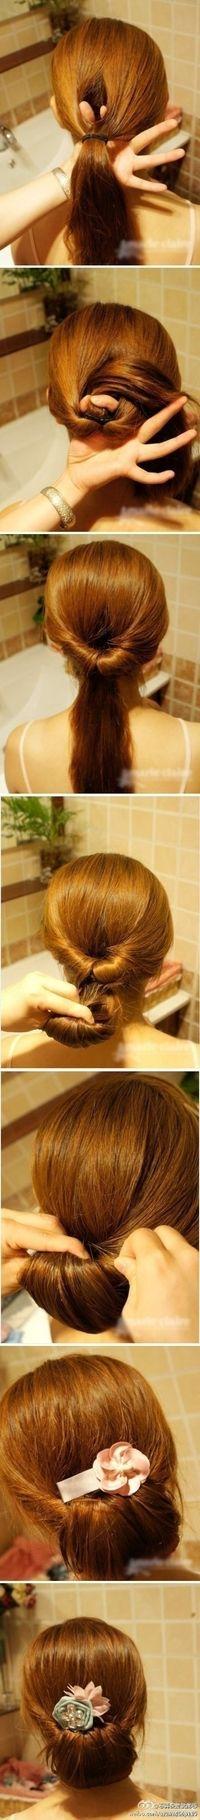 Cute work hair